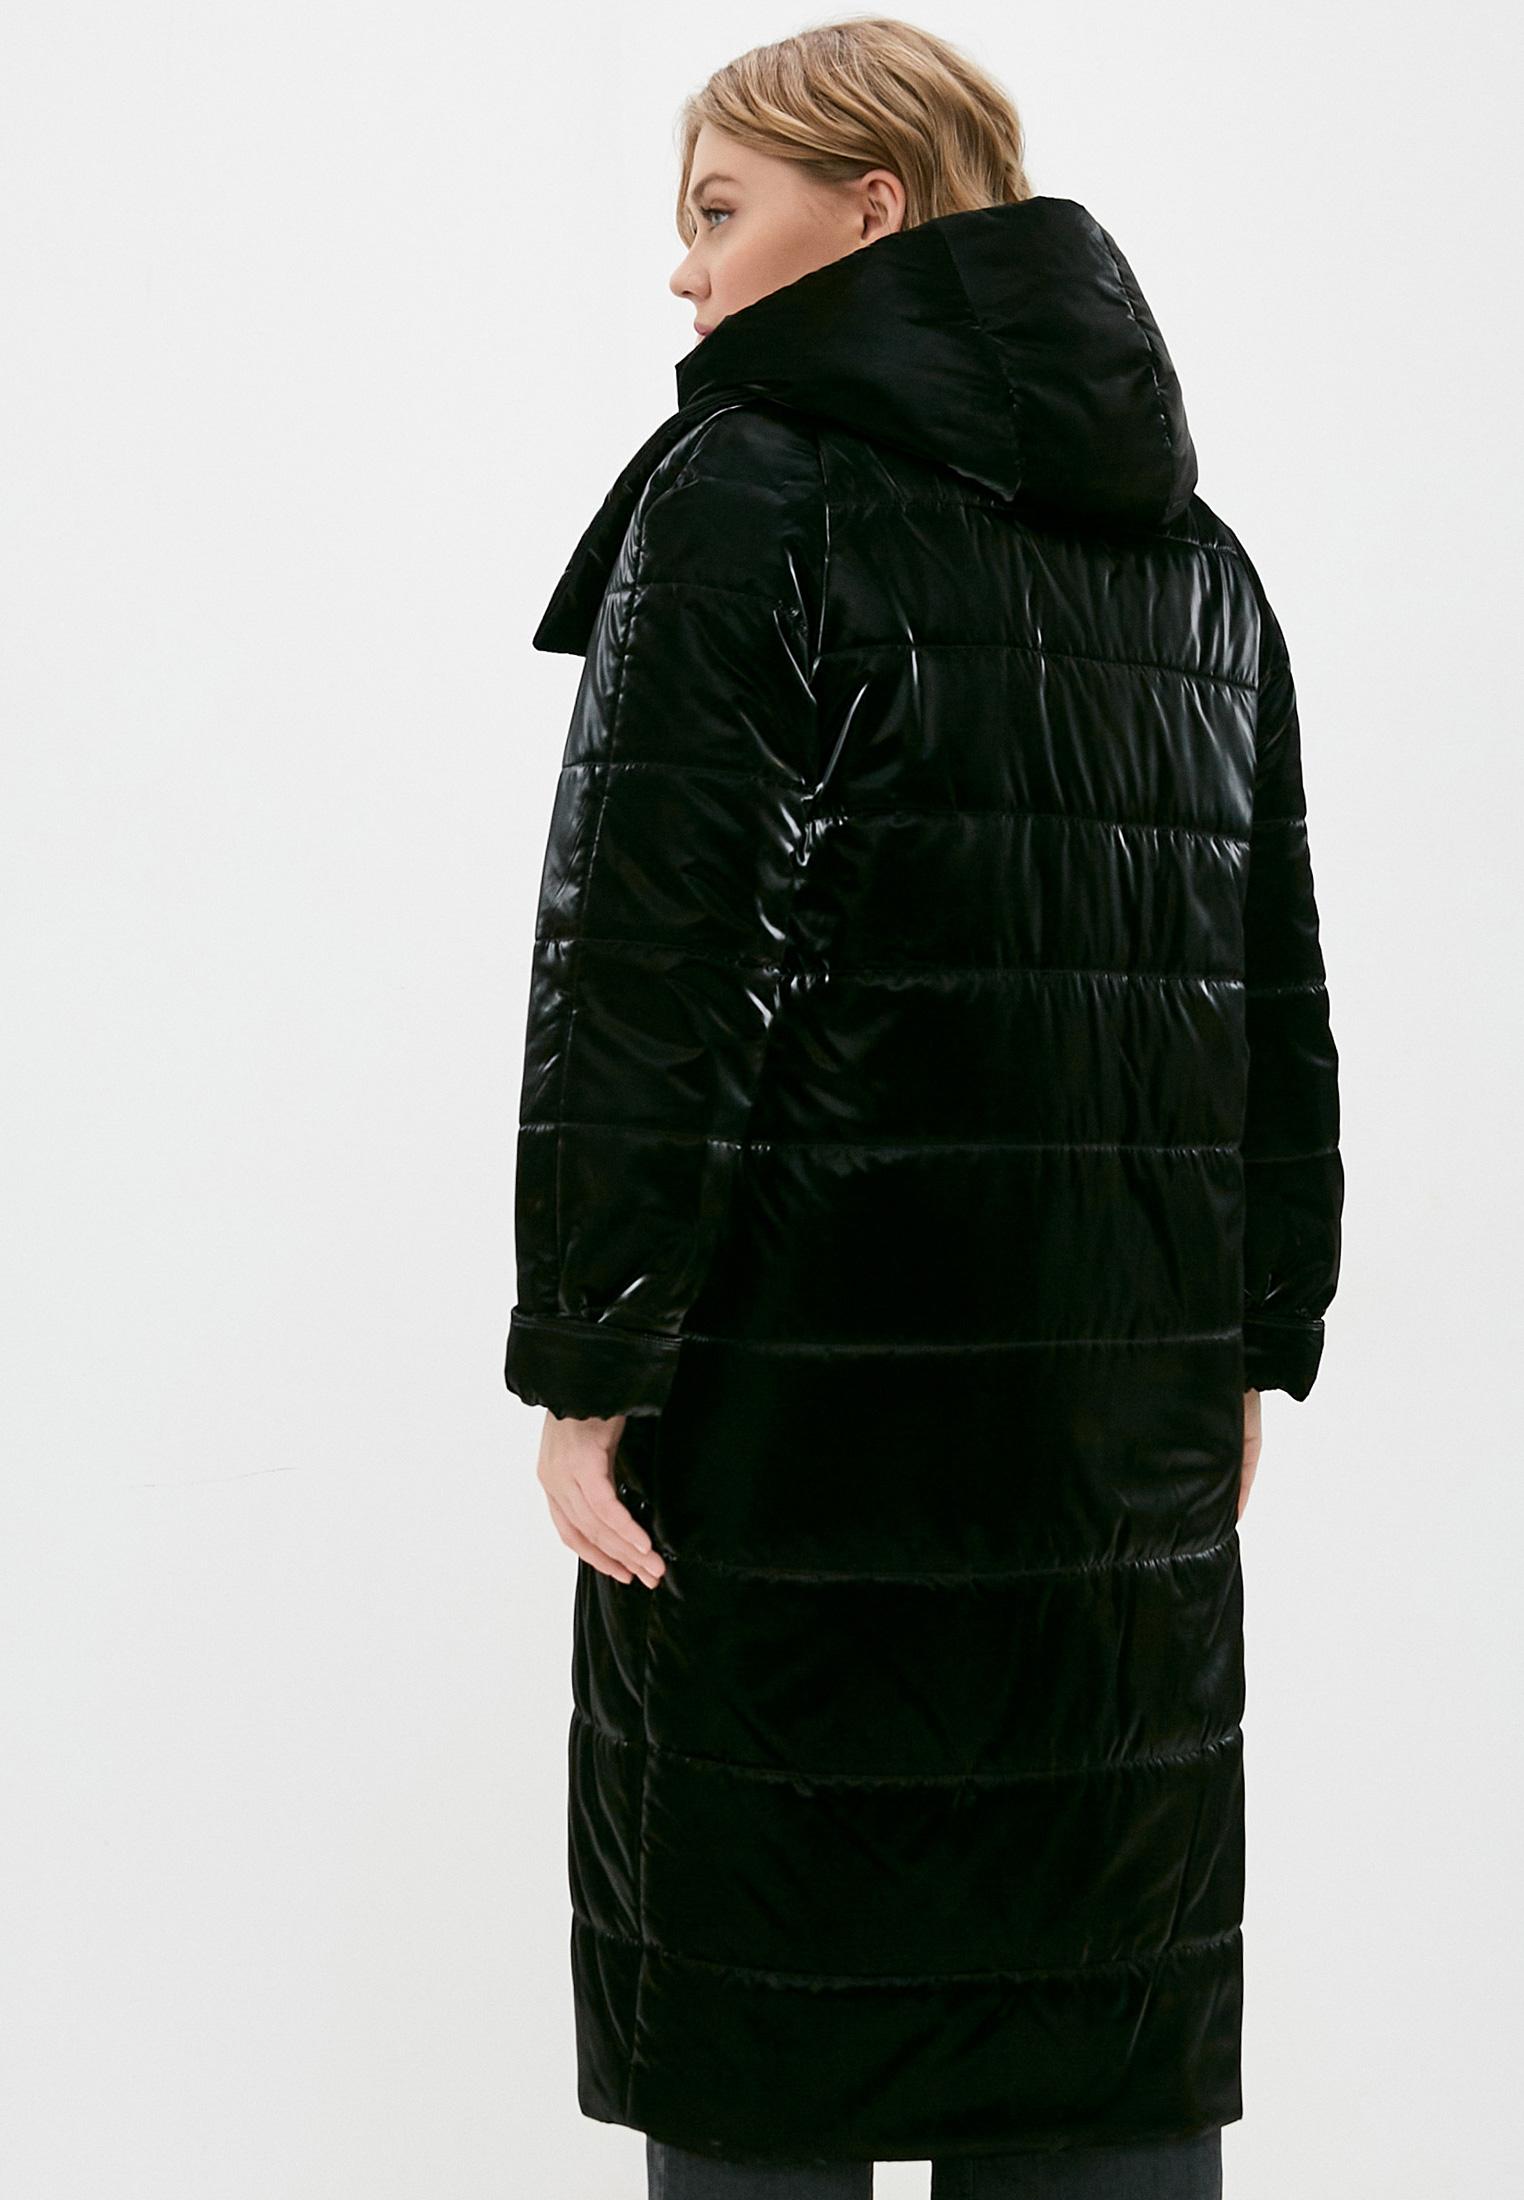 Утепленная куртка Nataliy Beate Пальто мод 311: изображение 3